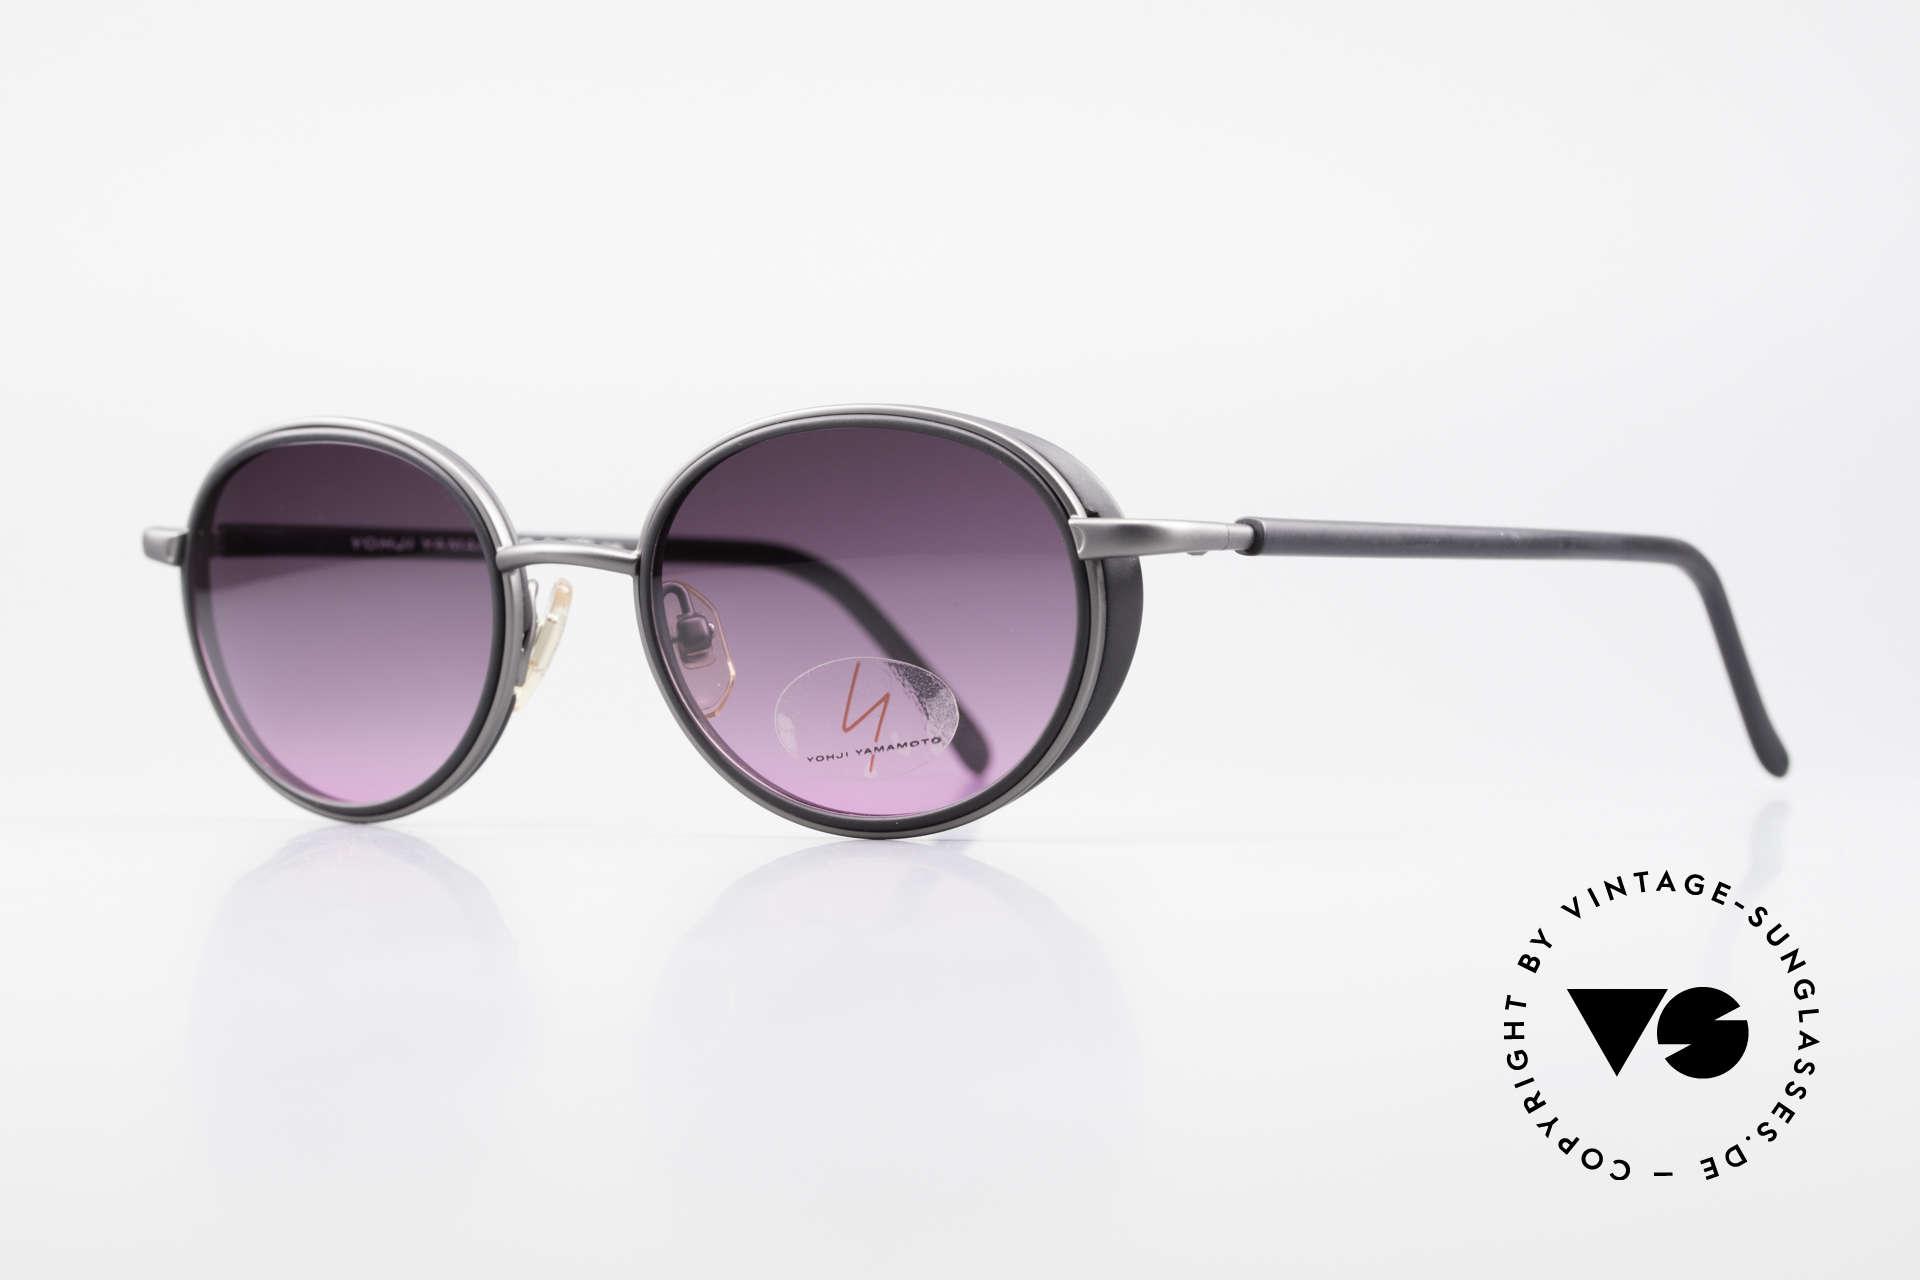 Yohji Yamamoto 51-6201 Seitenblenden Sonnenbrille, MUST HAVE für alle Liebhaber von Qualität & Design, Passend für Damen